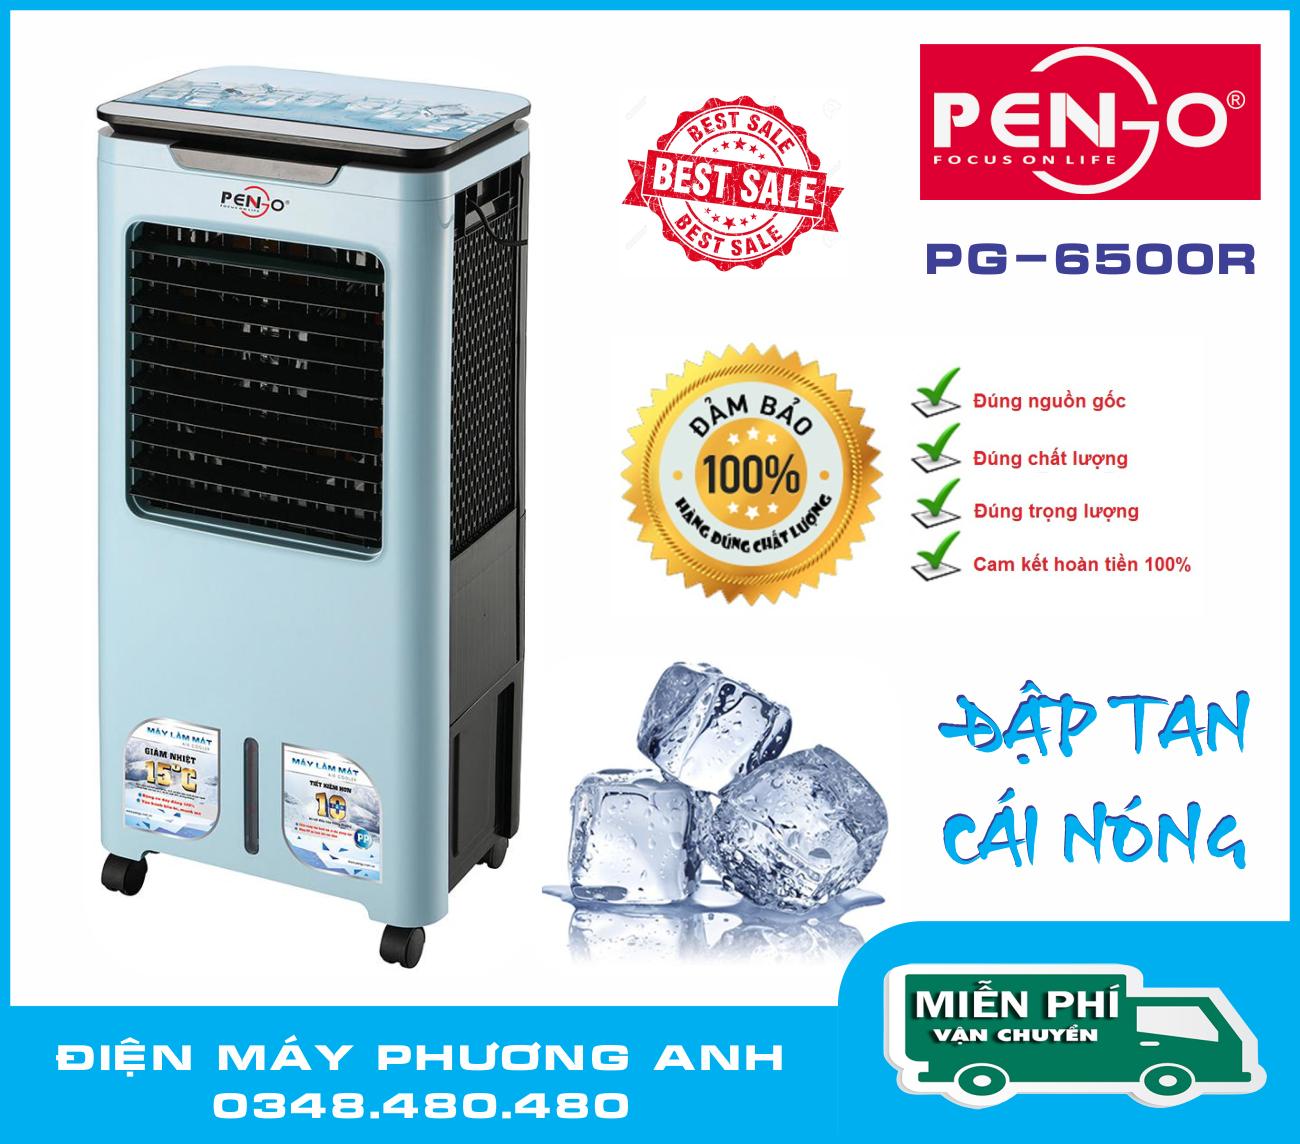 Bảng giá Máy làm mát không khí PENGO PG-6500R + Tặng lốc 6 chai nước yến thanh nhiệt Điện máy Pico